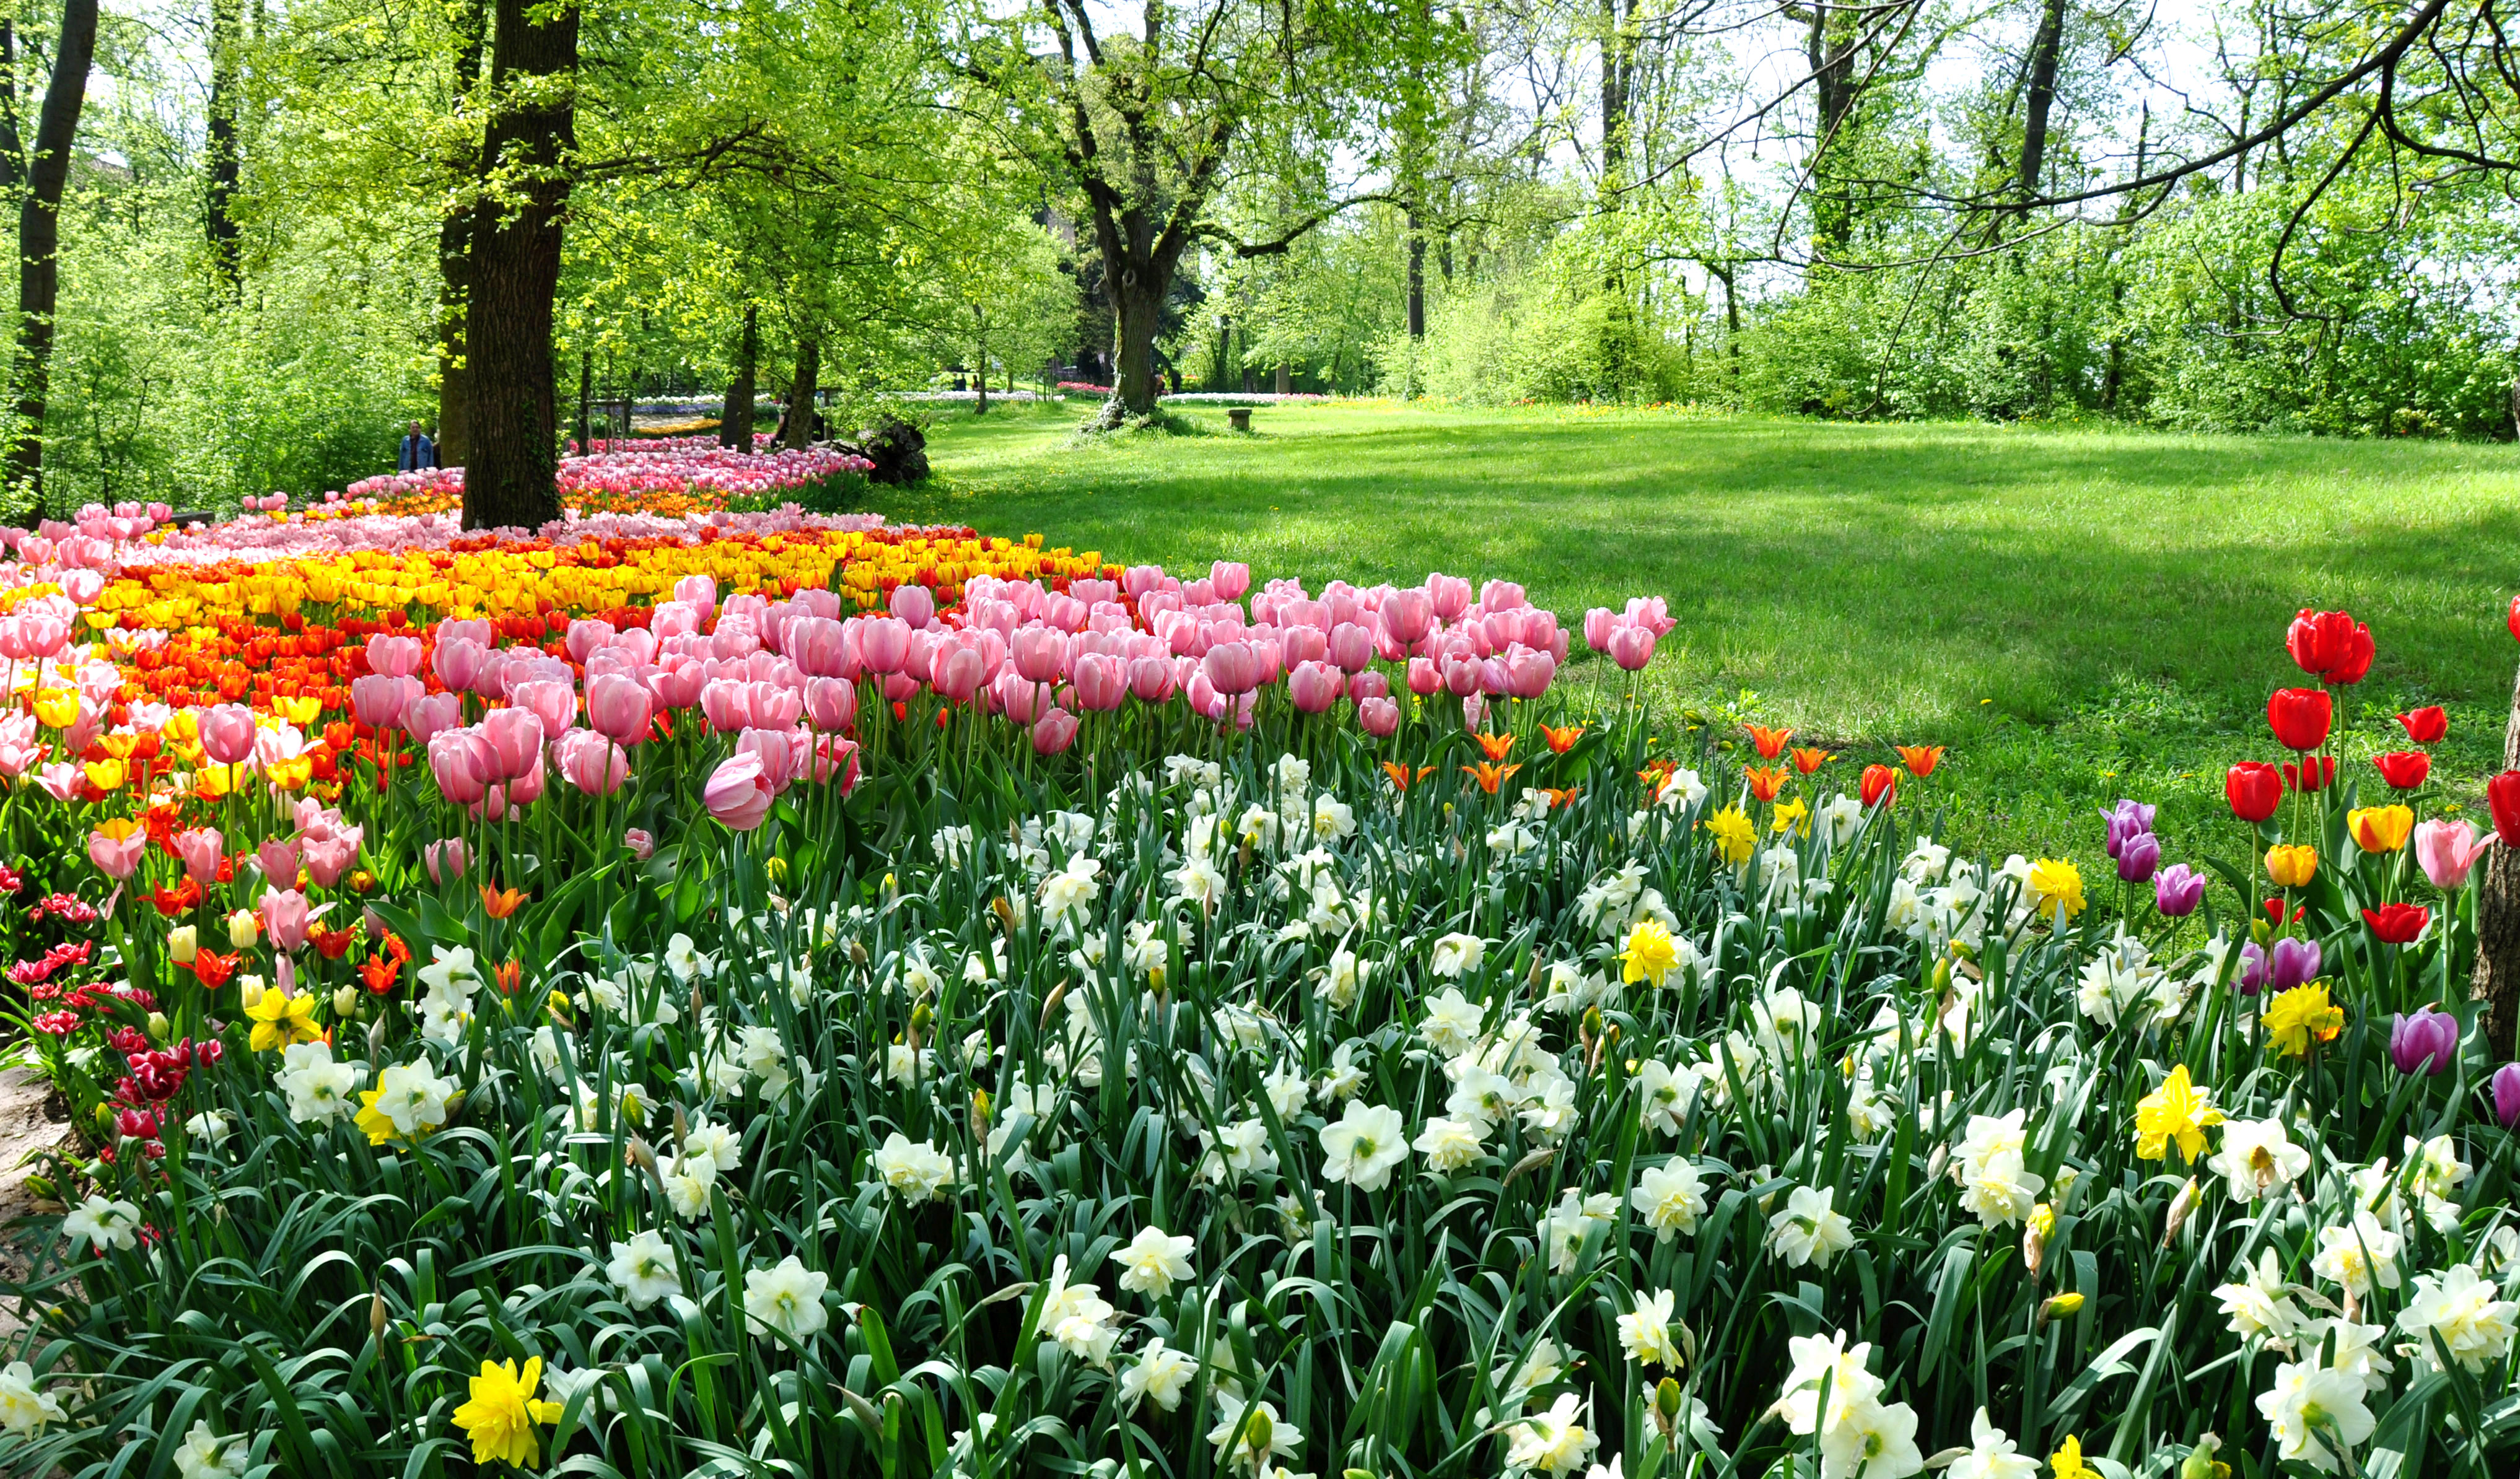 Parchi e giardini in fiore dove si trovano quelli pi - Immagini di giardini fioriti ...